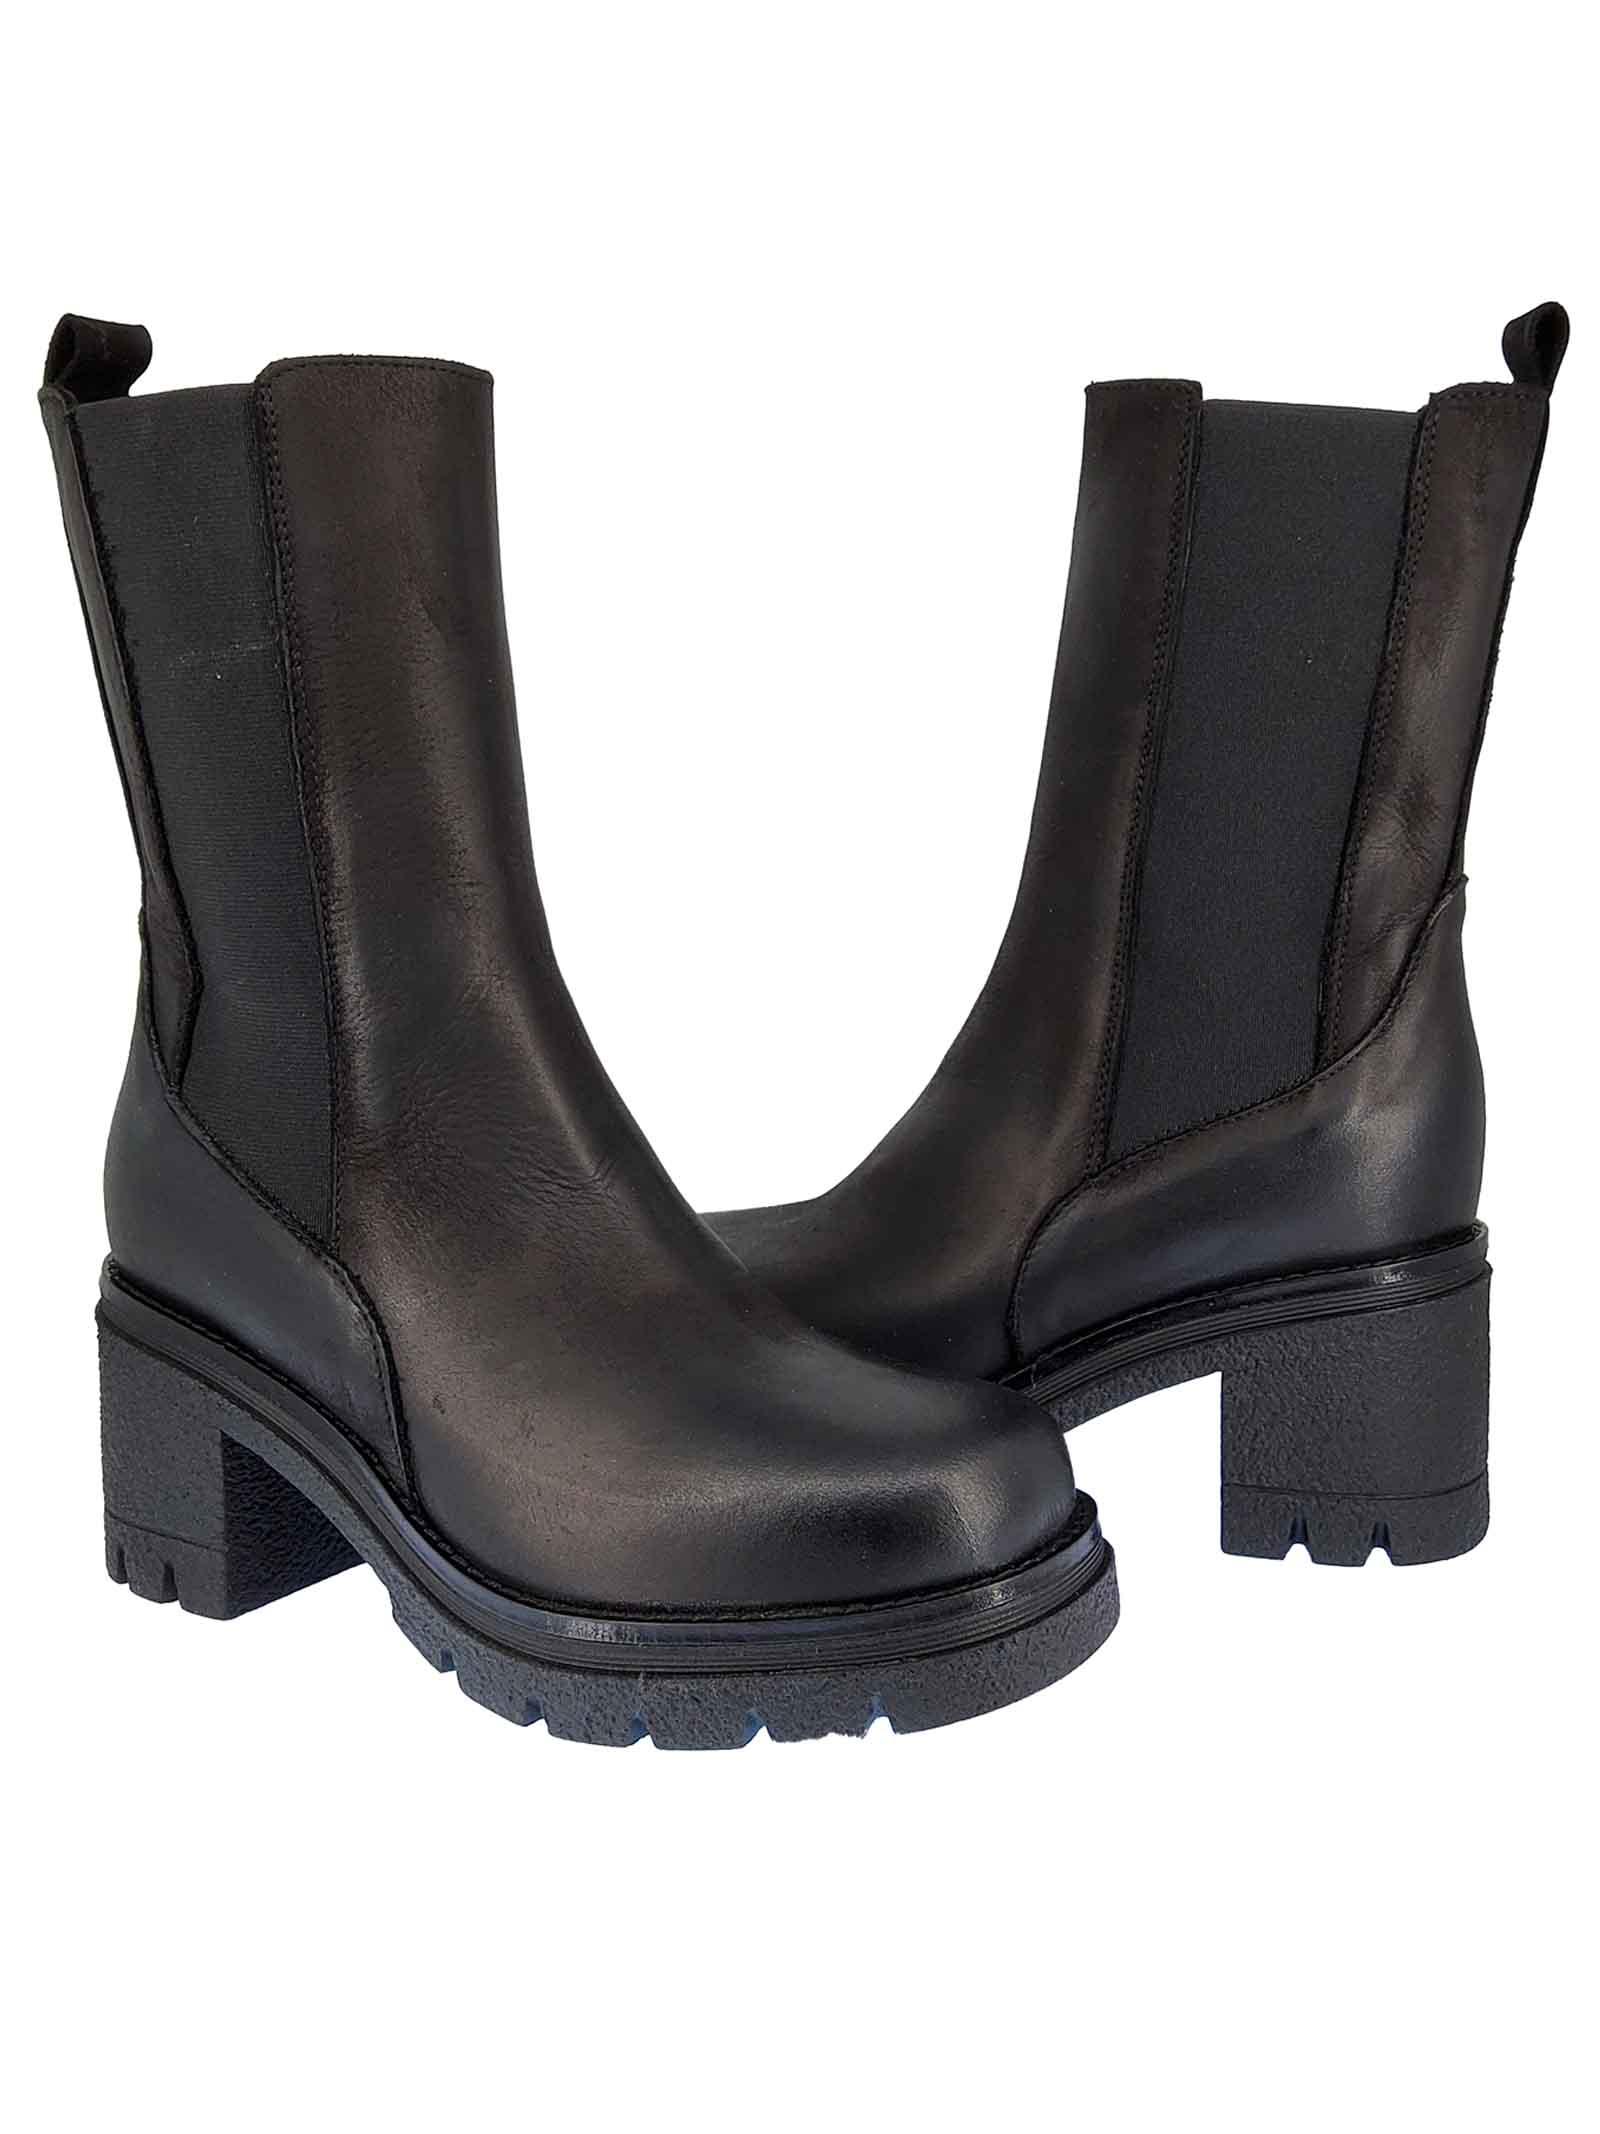 Calzature Donna Stivaletti Chelsea Boot in Pelle Nera con Elastici Laterali in Tinta e Fondo Para Spatarella   Stivaletti   Q3001